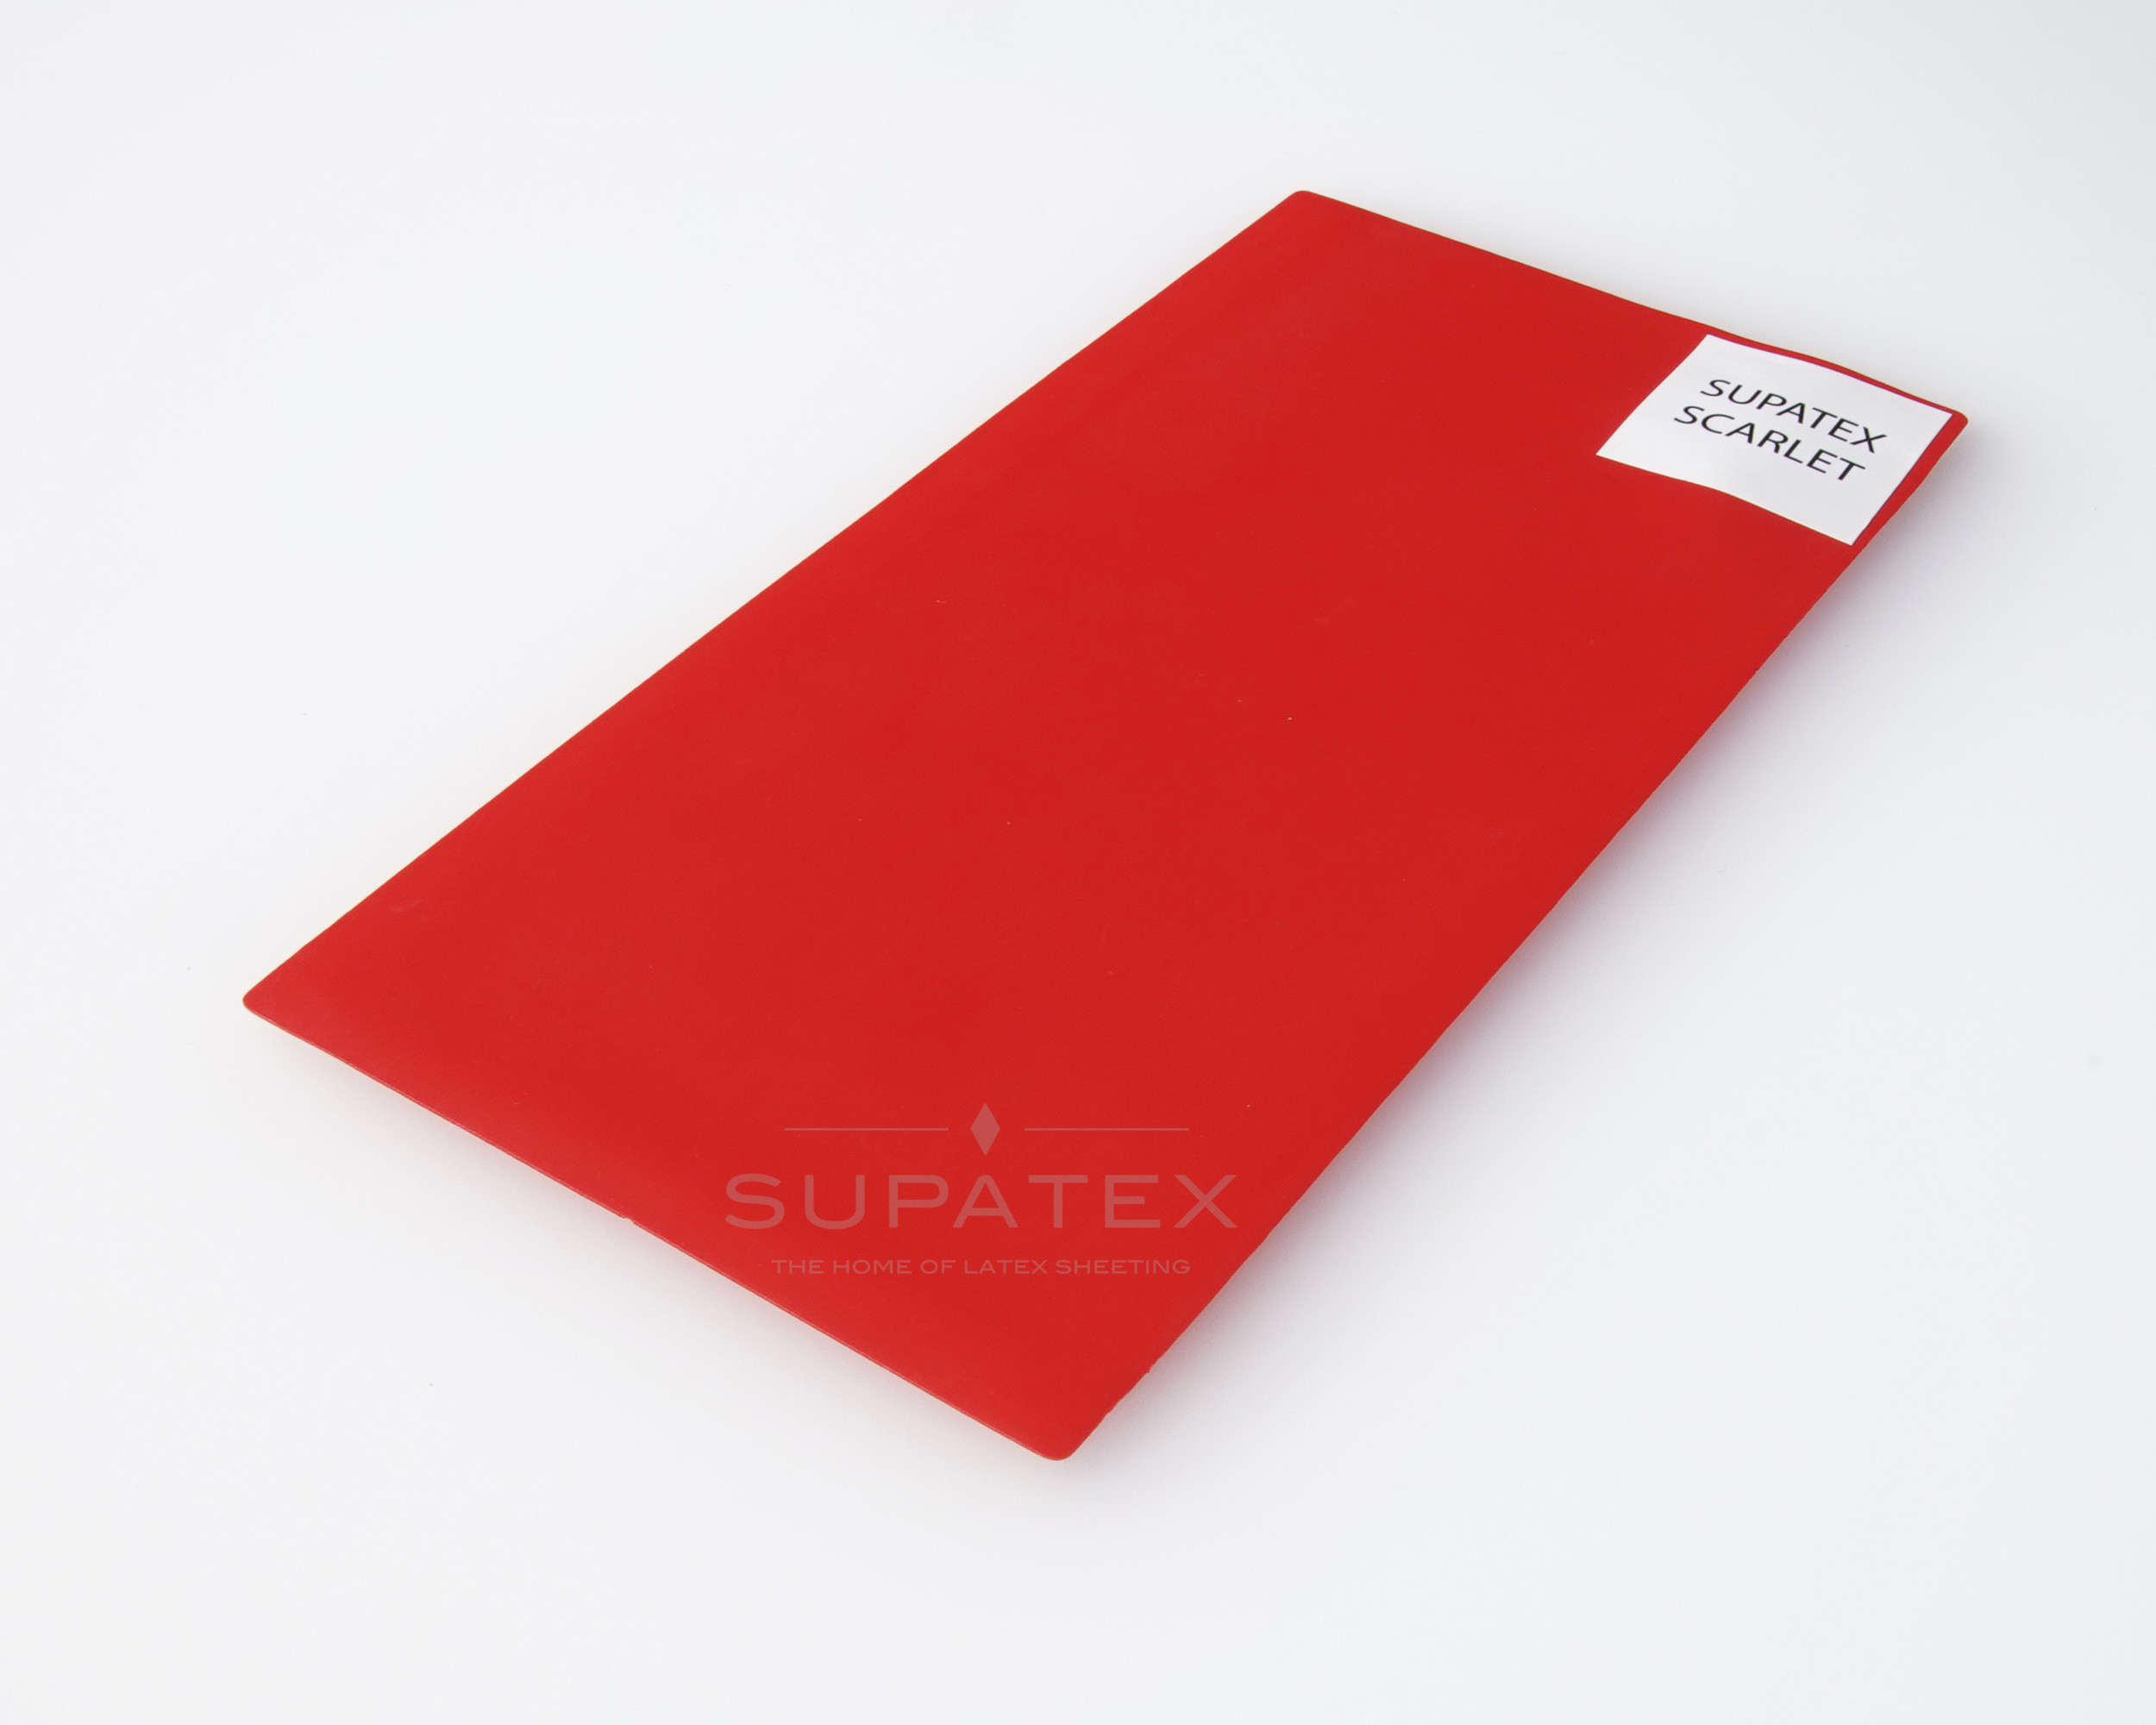 Supatex Scarlet 0.33 mm